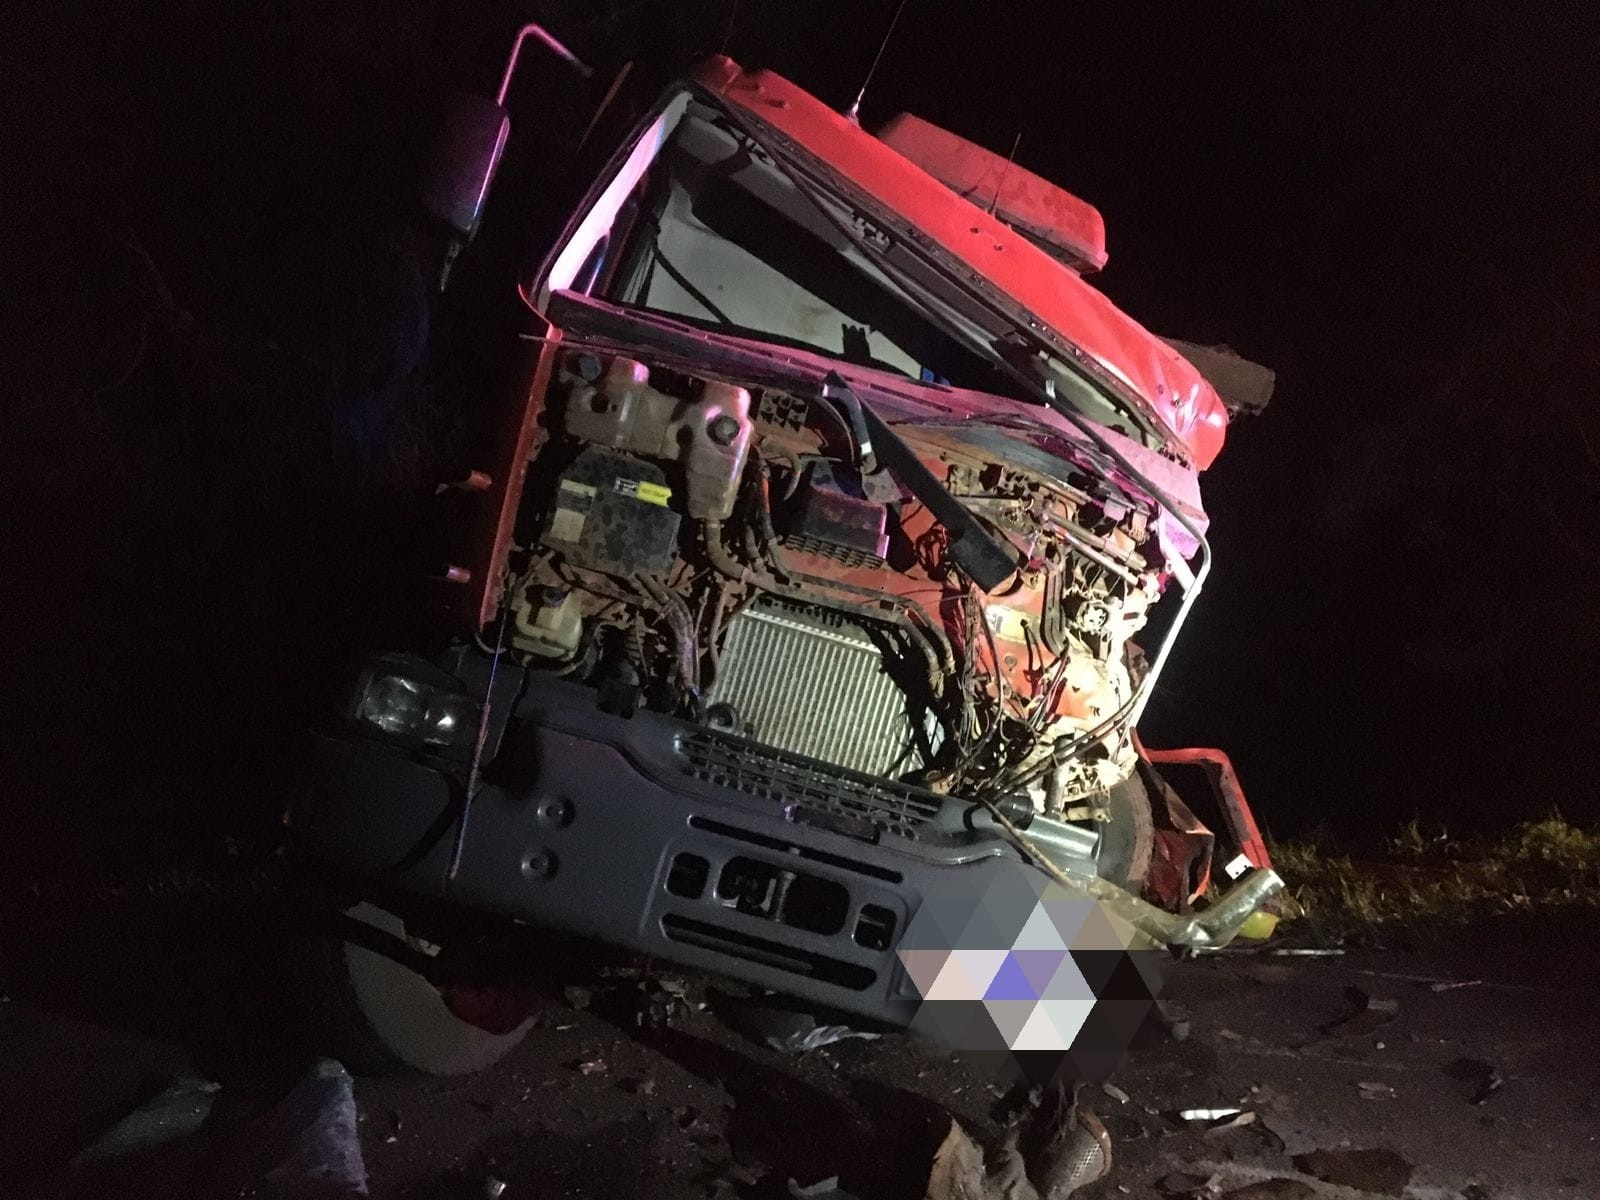 Motorista de caminhonete morre após tentar fazer ultrapassagem proibida na BR-277 em Laranjeiras do Sul, diz PRF